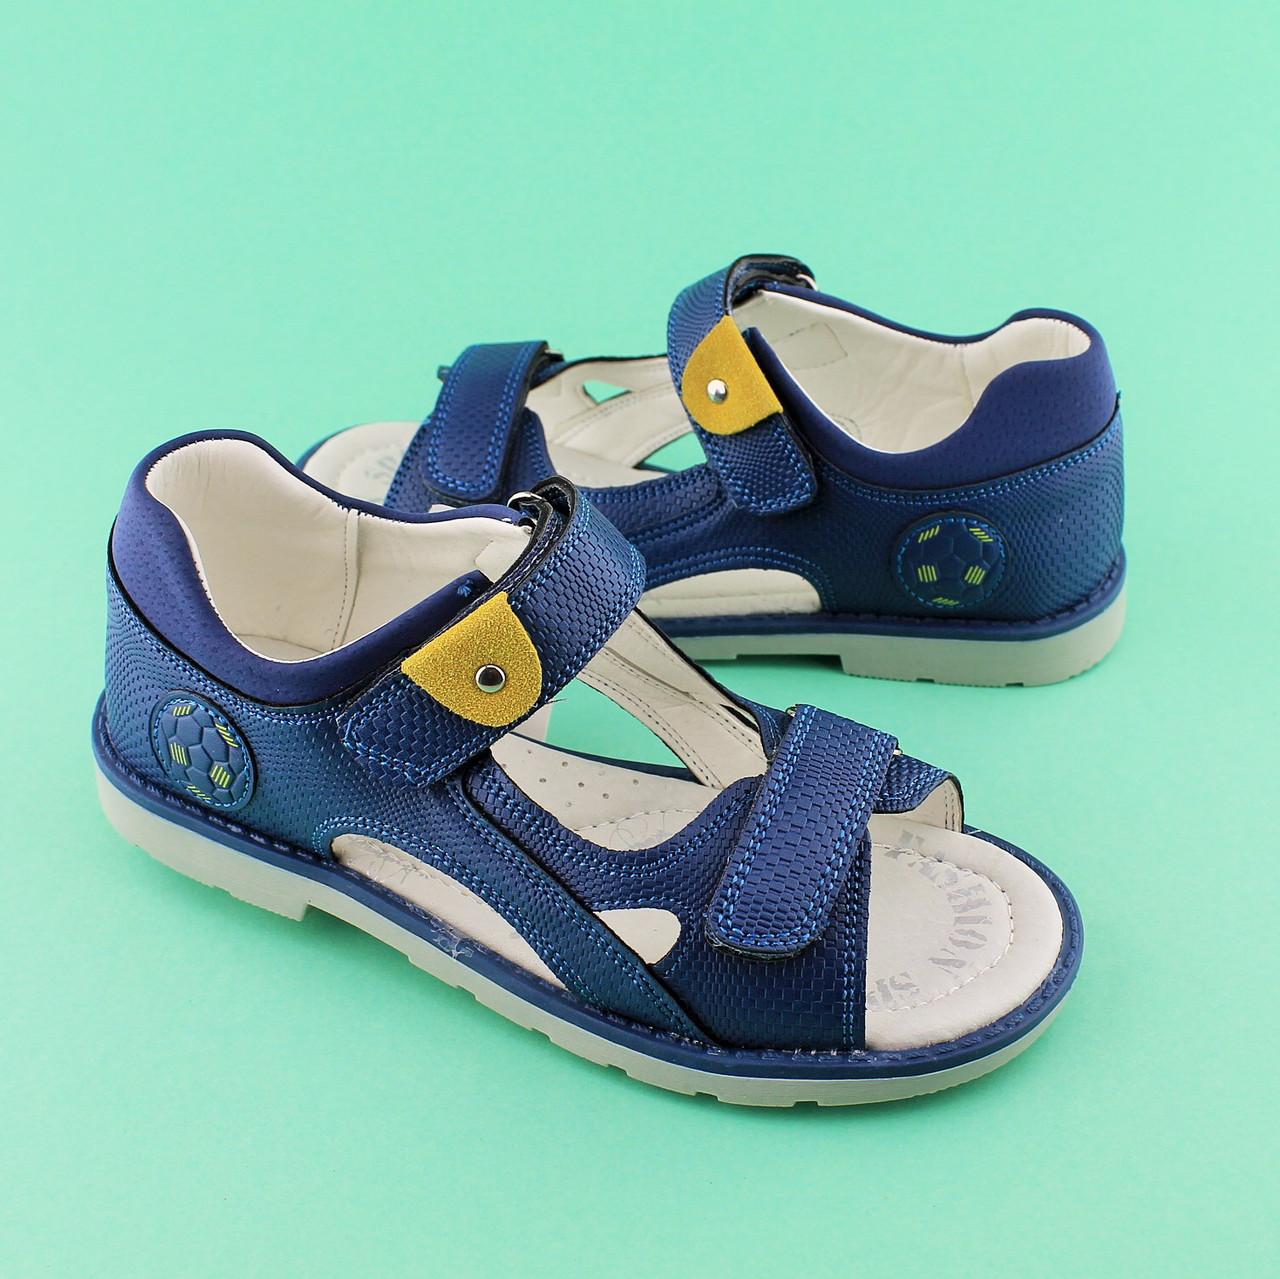 Купить Синие босоножки на мальчика серия Ортопед тм TOMM размеры 34 ... 079b7f84dae52